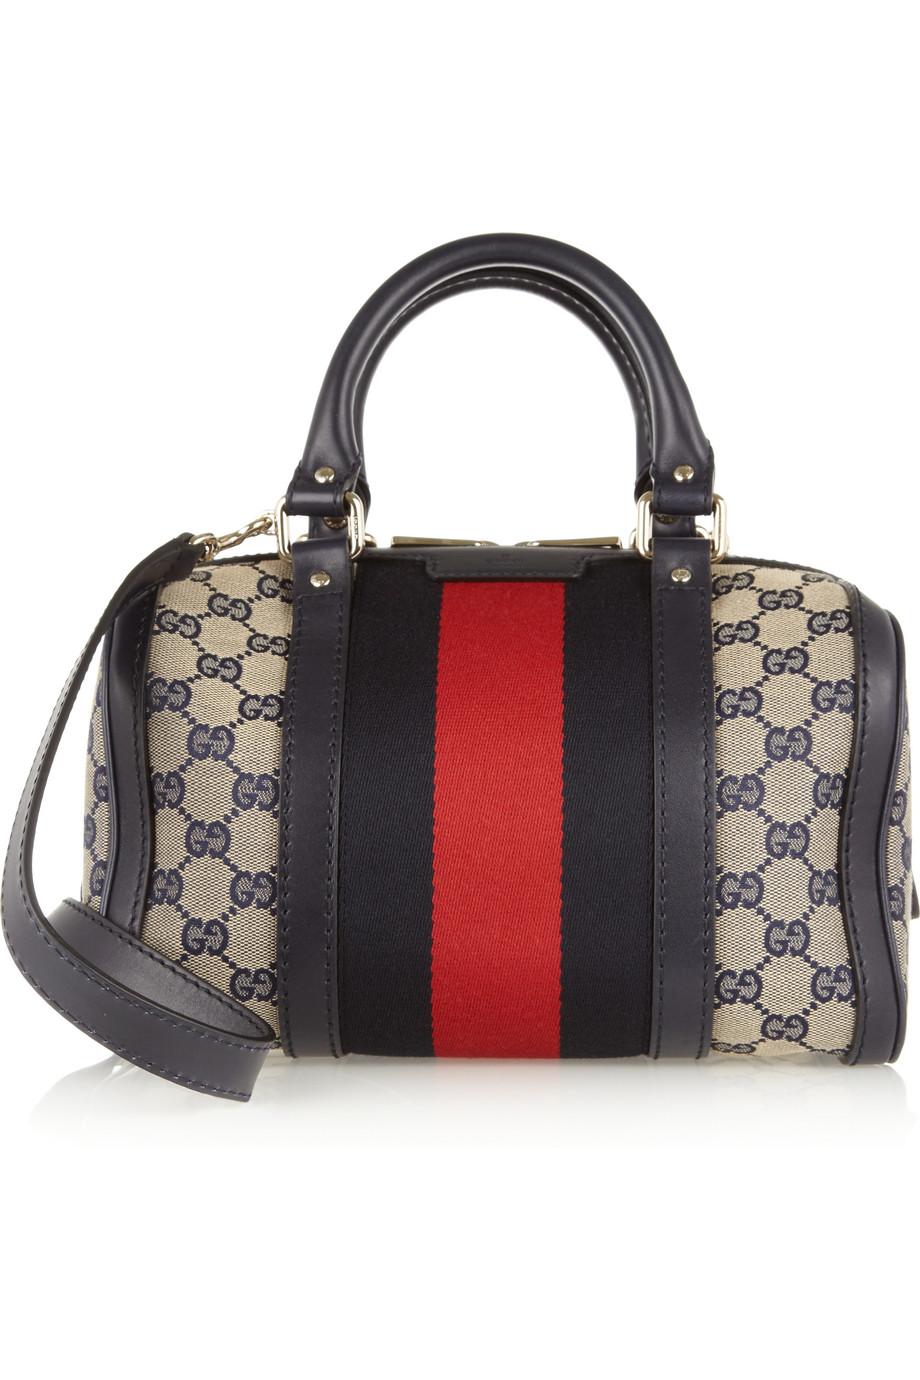 1e0e894351e Gucci Vintage Web Gg Canvas Mini Bowling Bag in Gray - Lyst